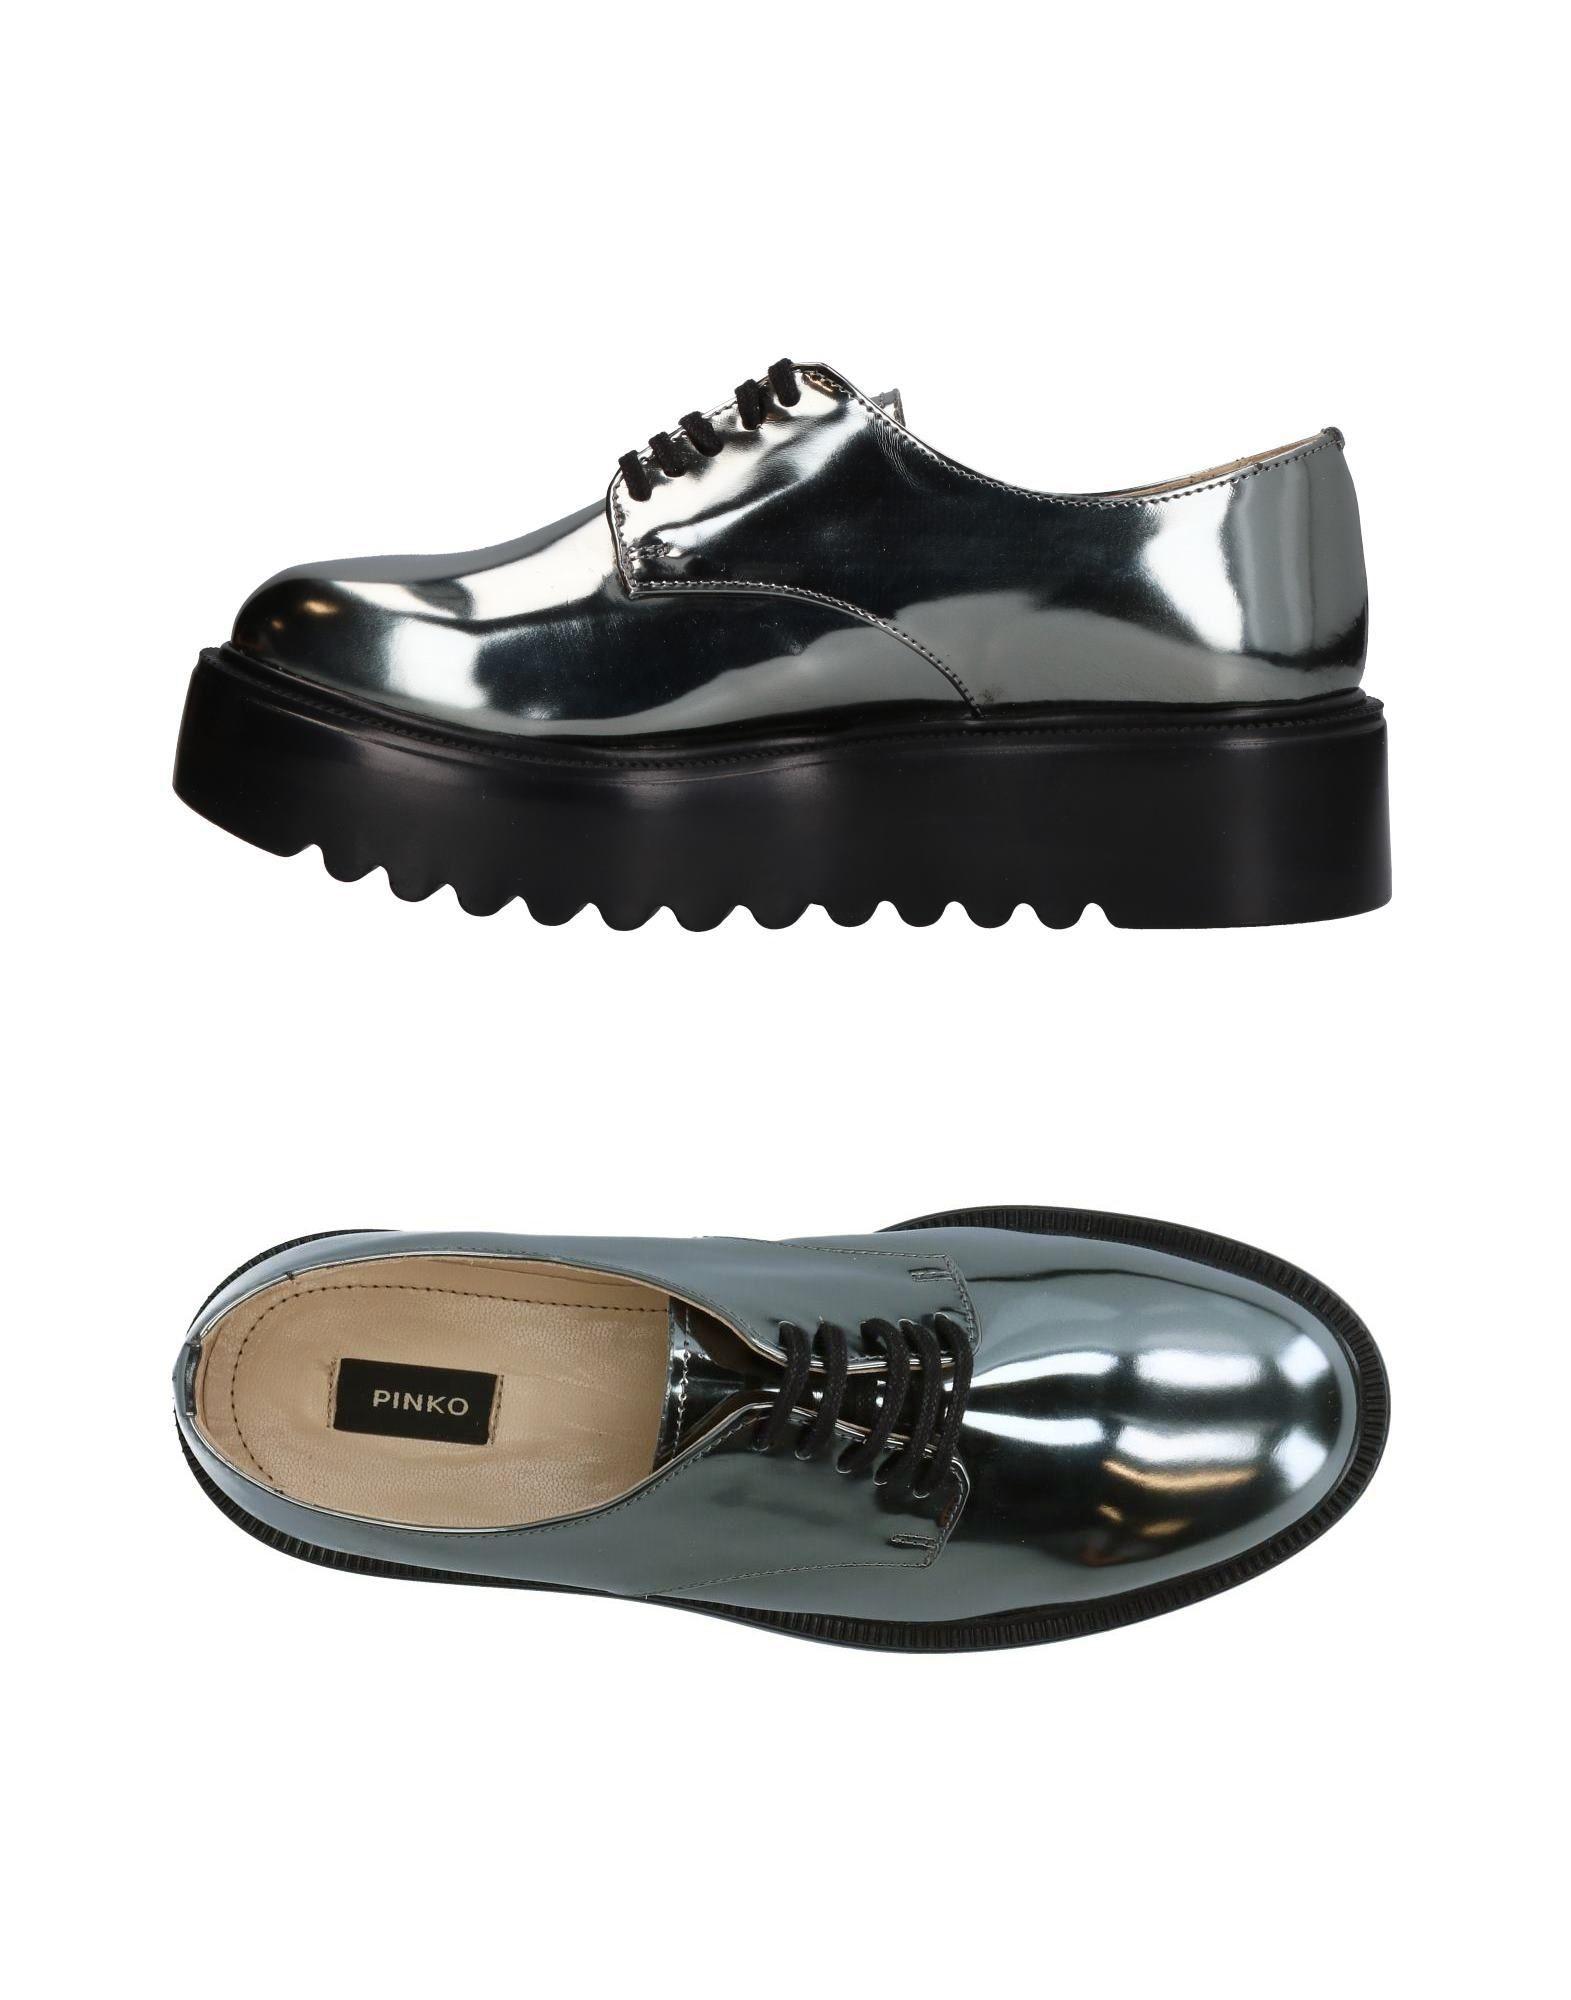 Zapatos de mujer baratos zapatos de de zapatos mujer Zapato De Cordones Pinko Mujer - Zapatos De Cordones Pinko  Plomo 73bfa4